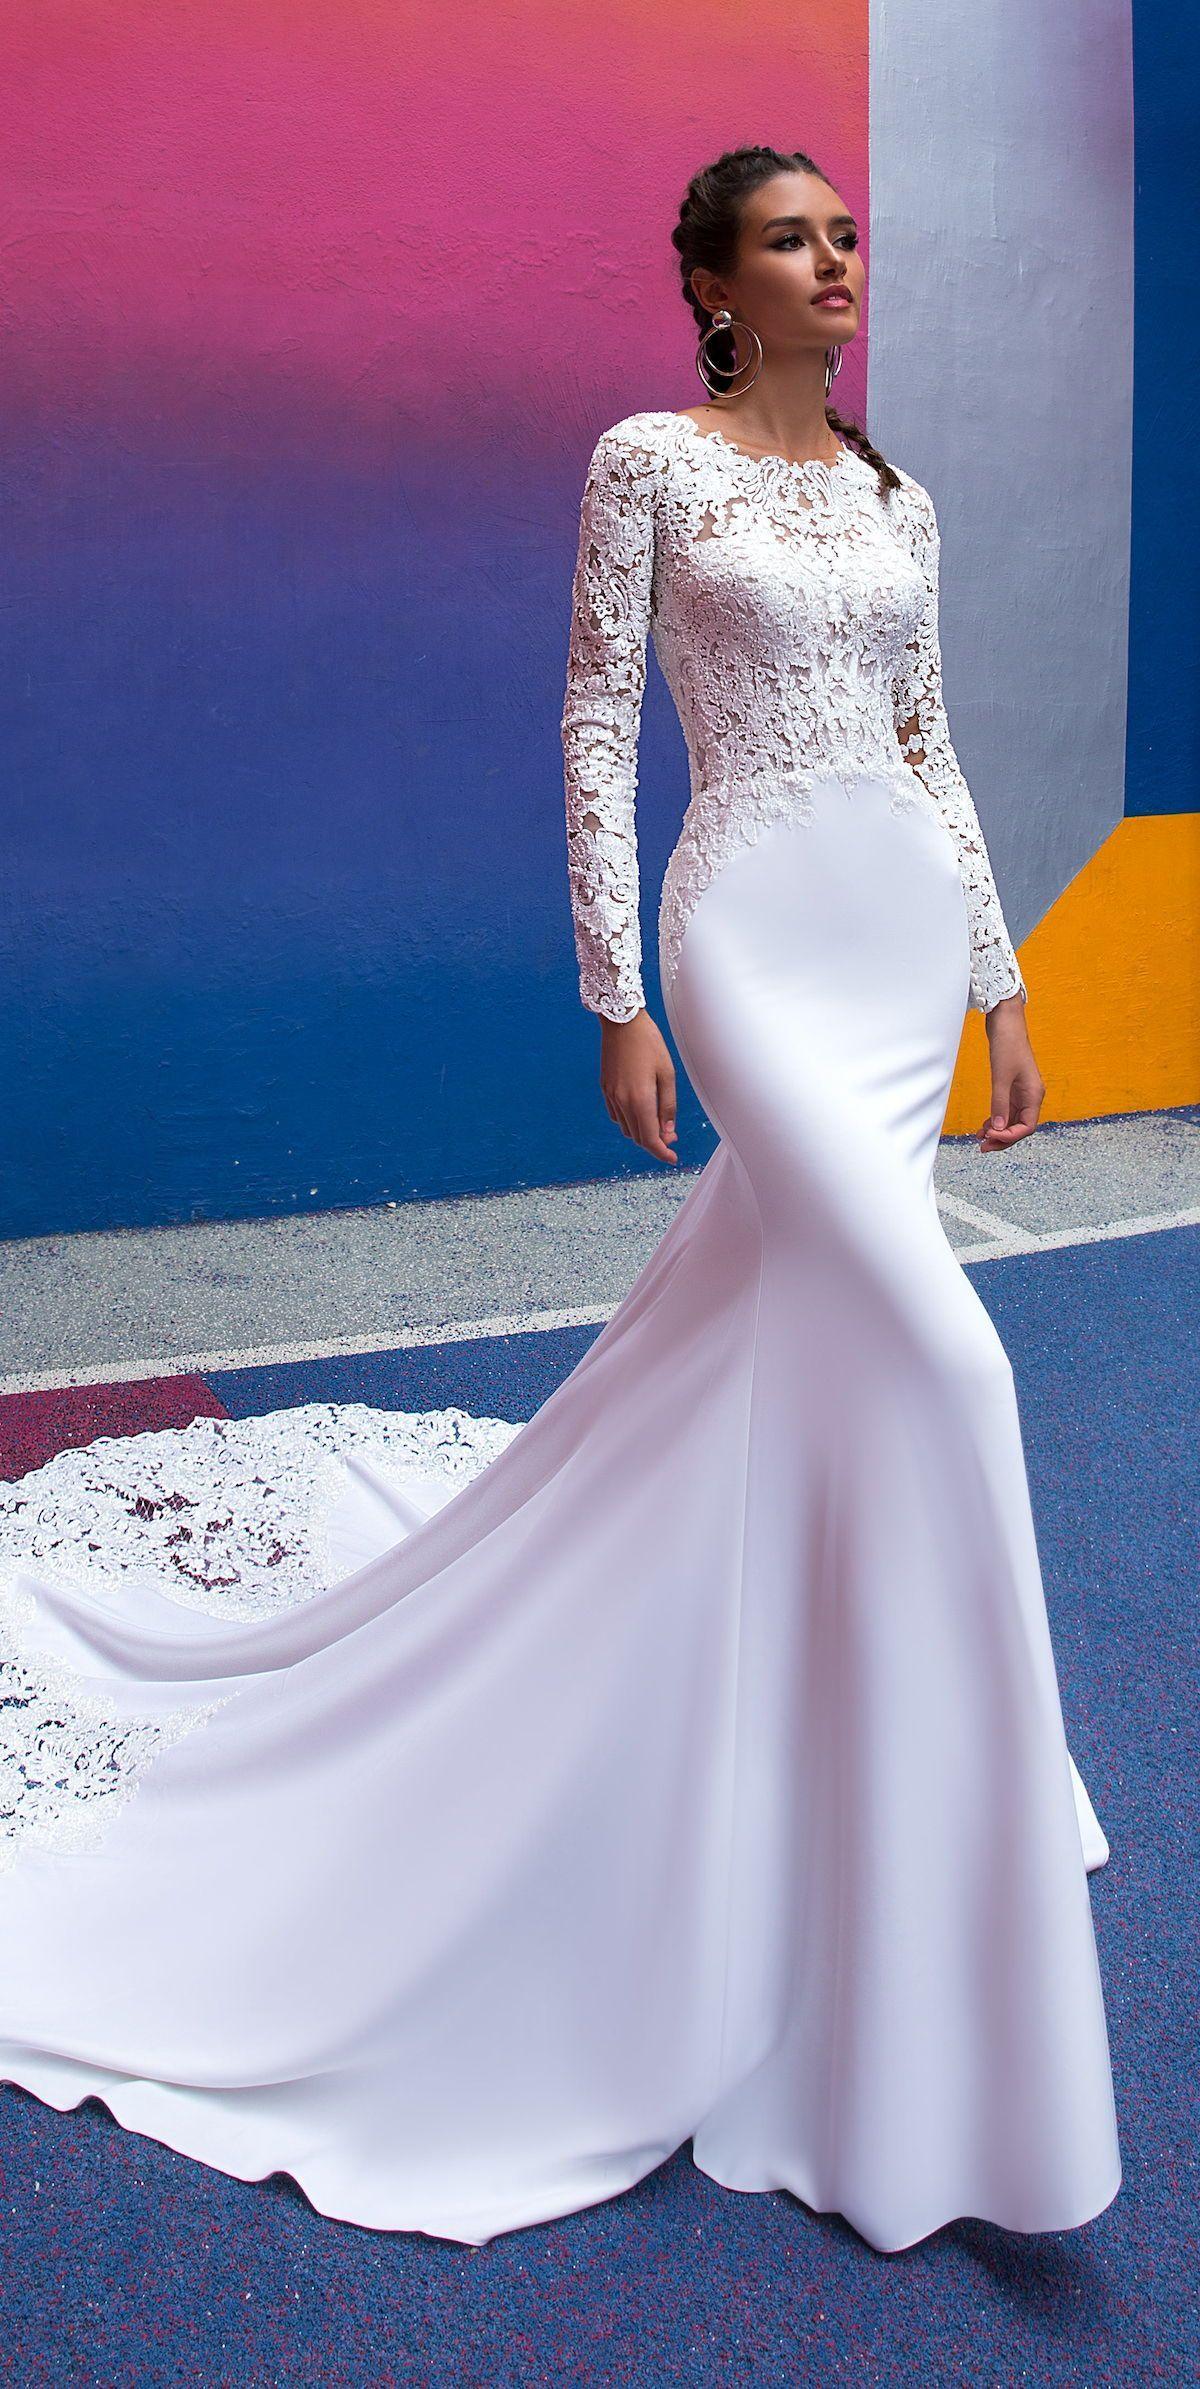 17 Breathtaking Anti Aging Secrets Ideas Long Sleeve Wedding Dress Lace Wedding Dress Long Sleeve Wedding Dresses [ 2389 x 1200 Pixel ]